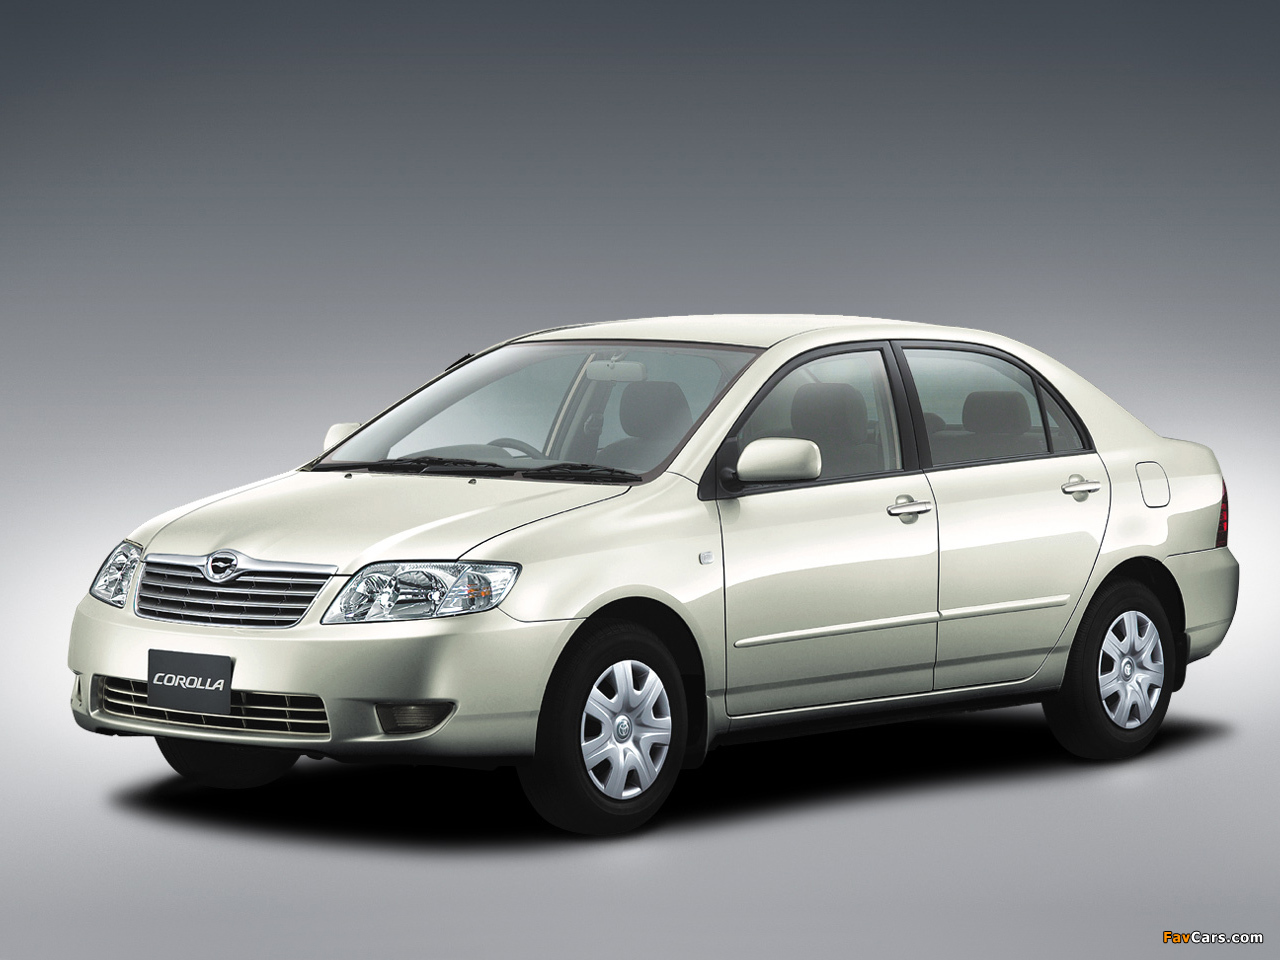 Toyota Corolla 1 5 X Hid 40th Anniversary Cba Nze121